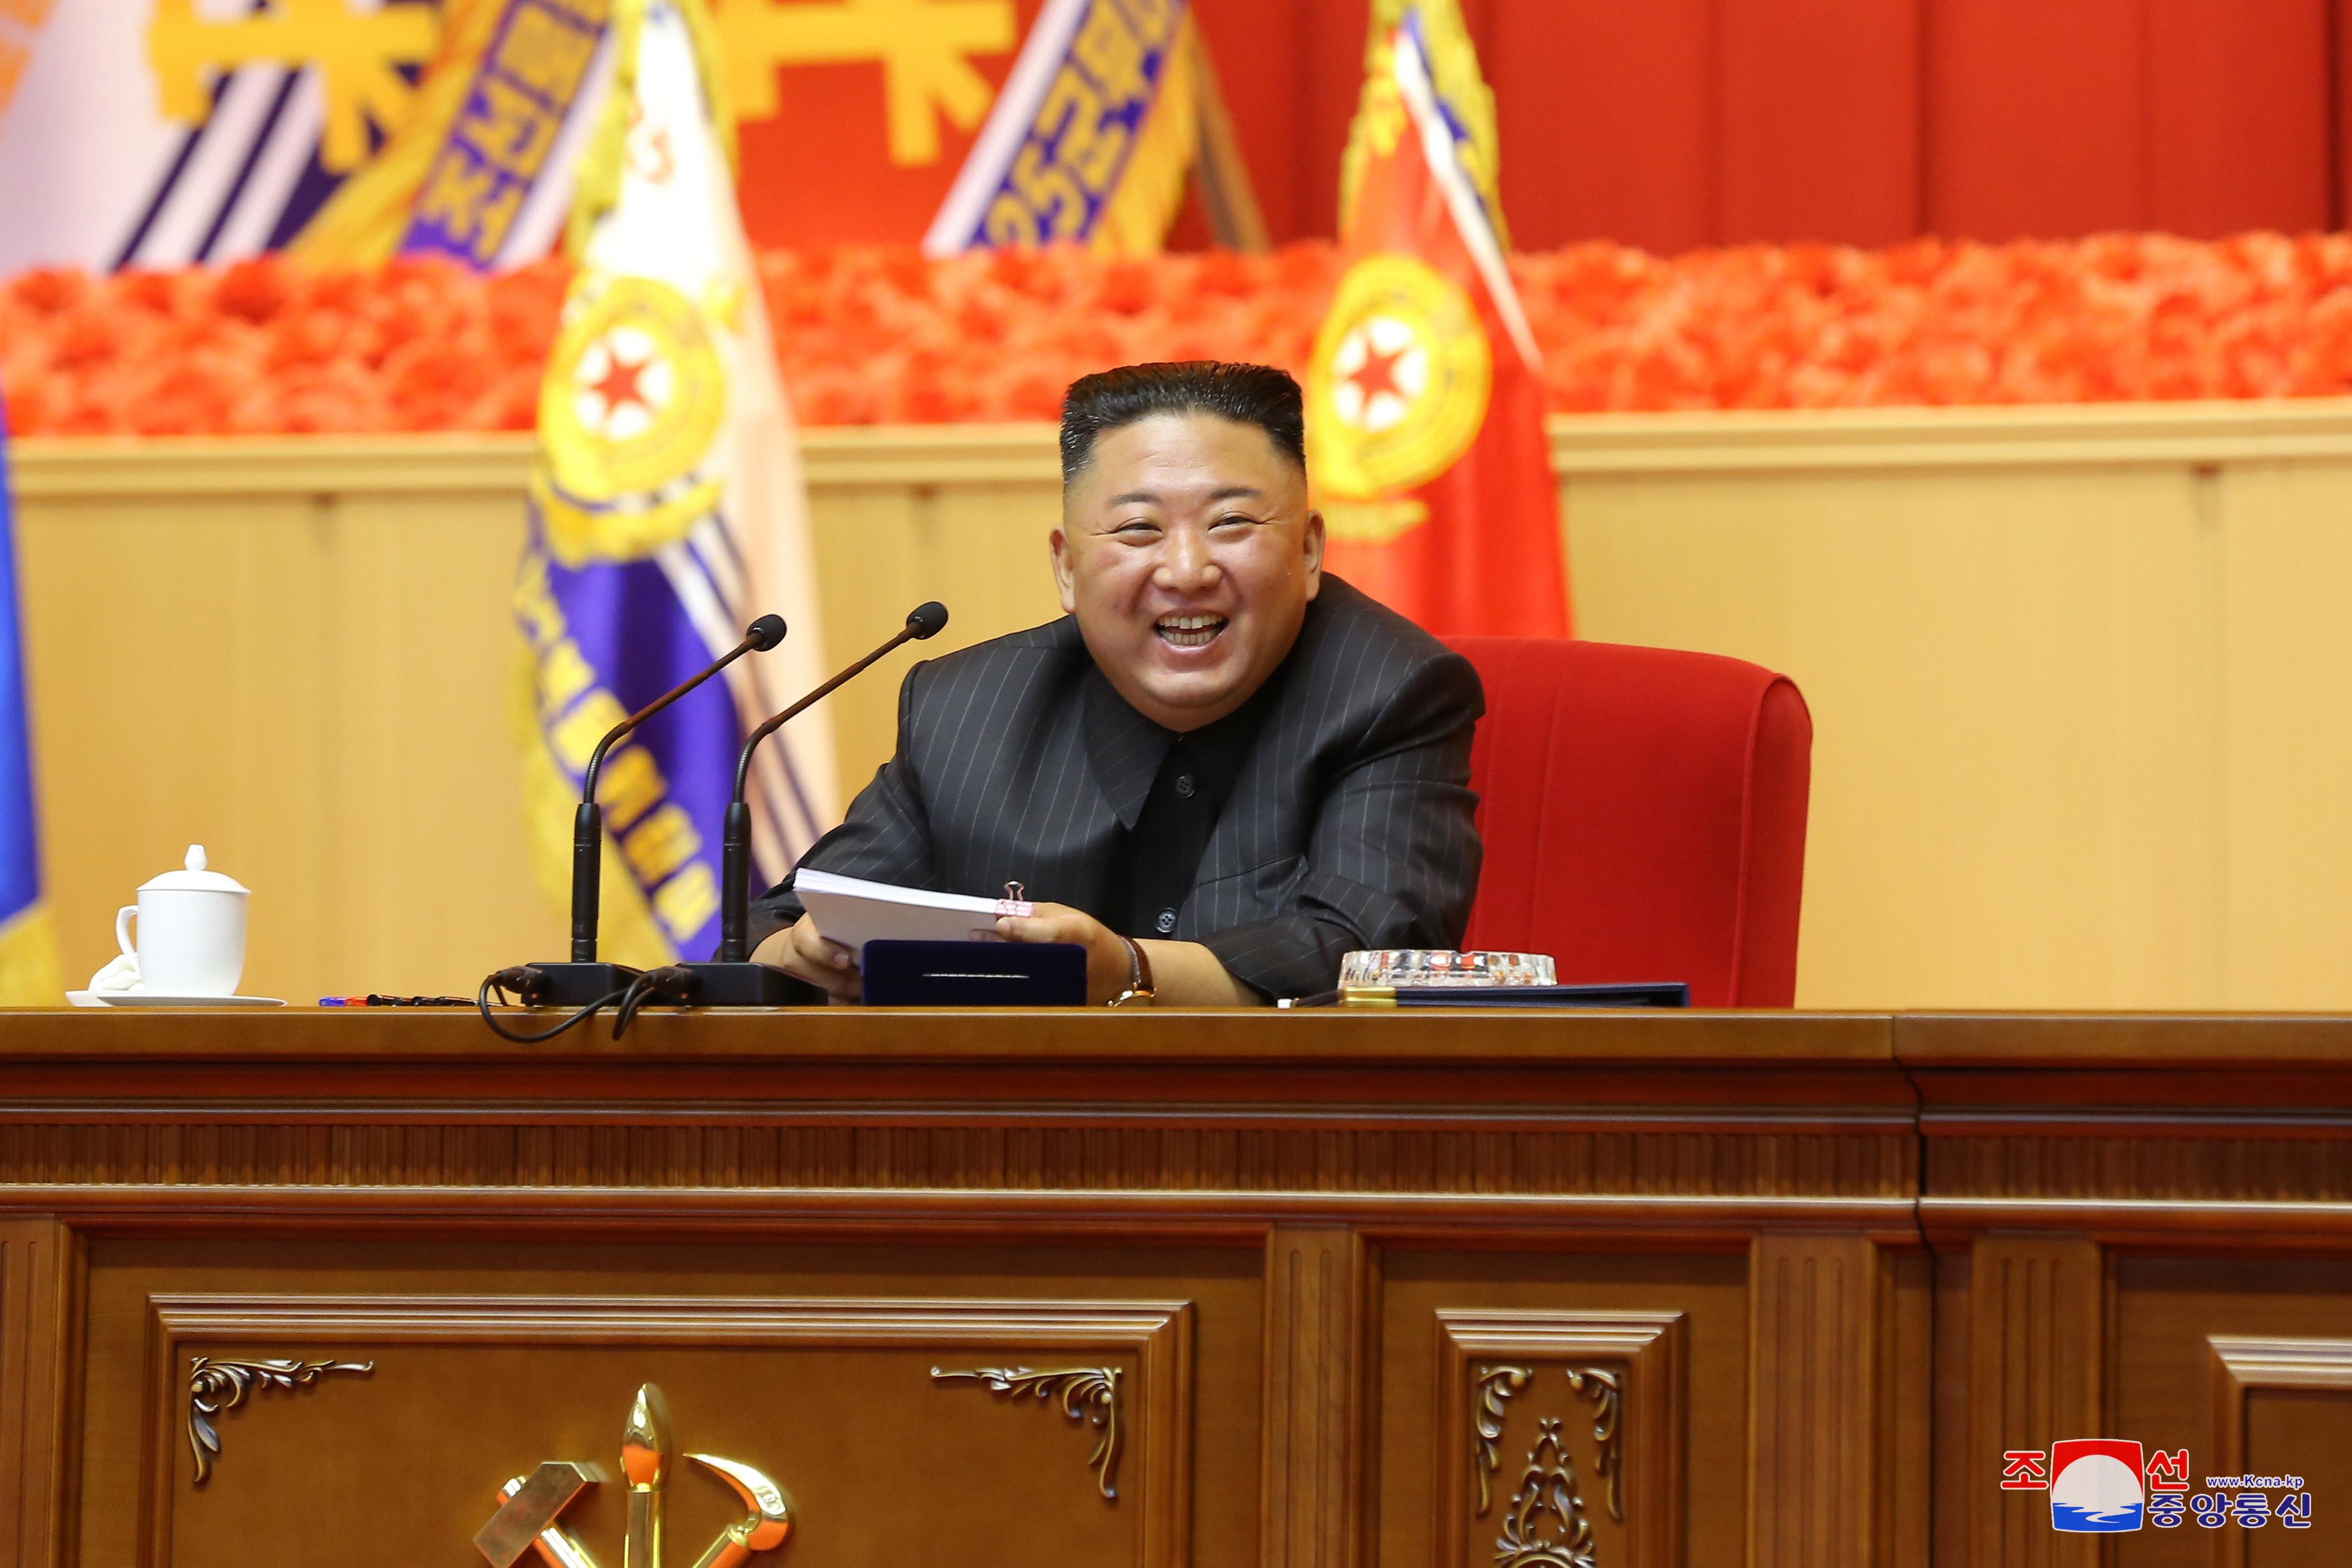 ▲▼金正恩主持第一屆全軍指揮官講習會,罕見未提核武。(圖/達志影像)